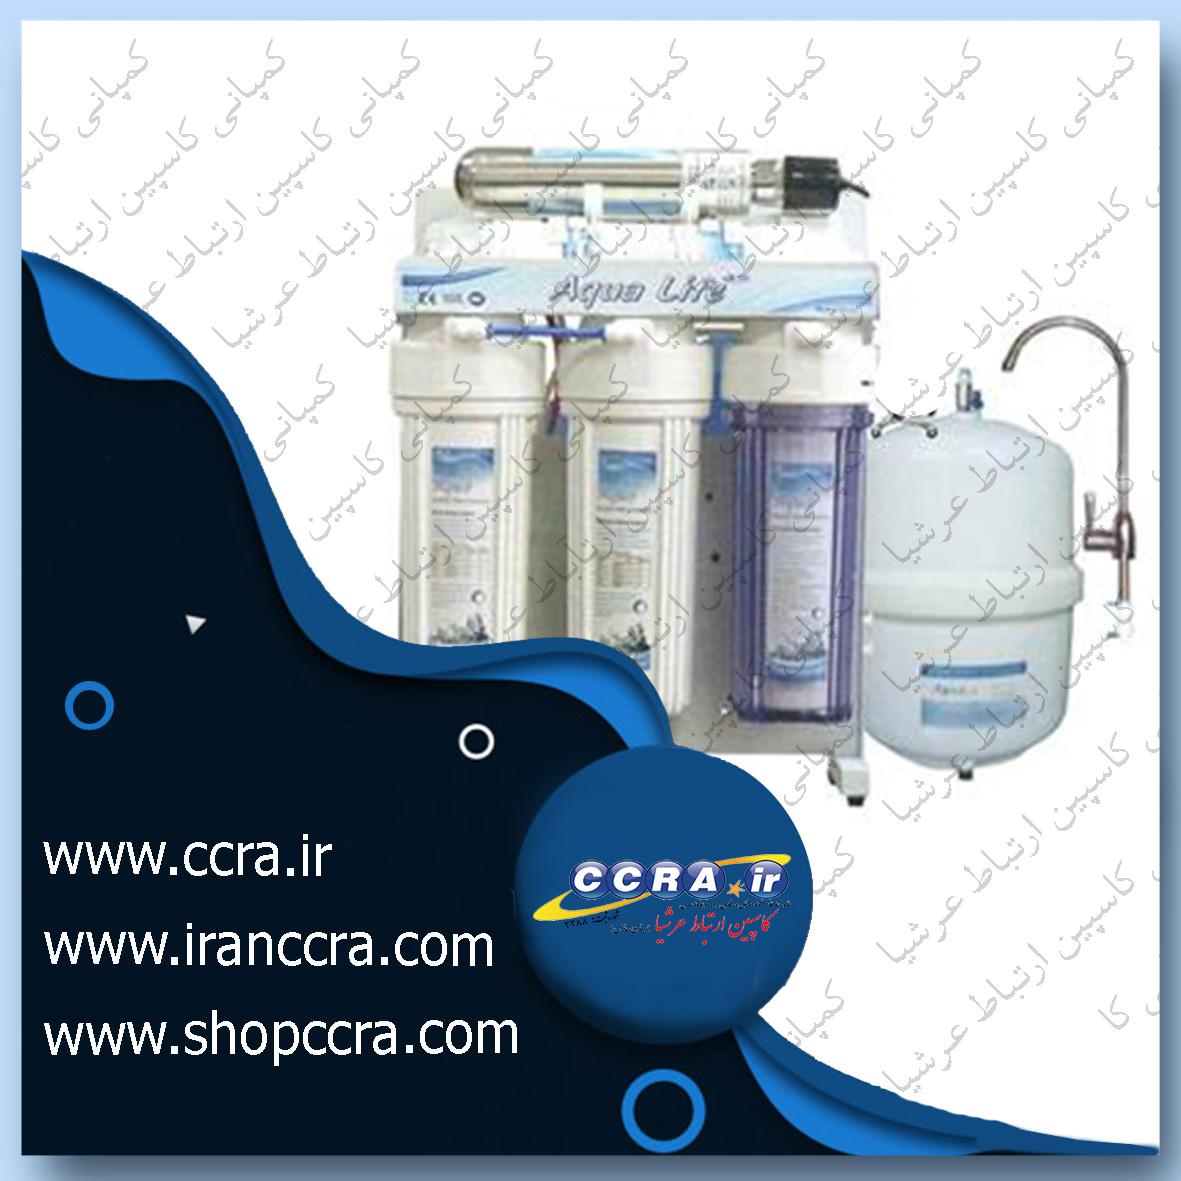 دستگاه تصفیه آب خانگی آکوا لایف مدل G50-UV22